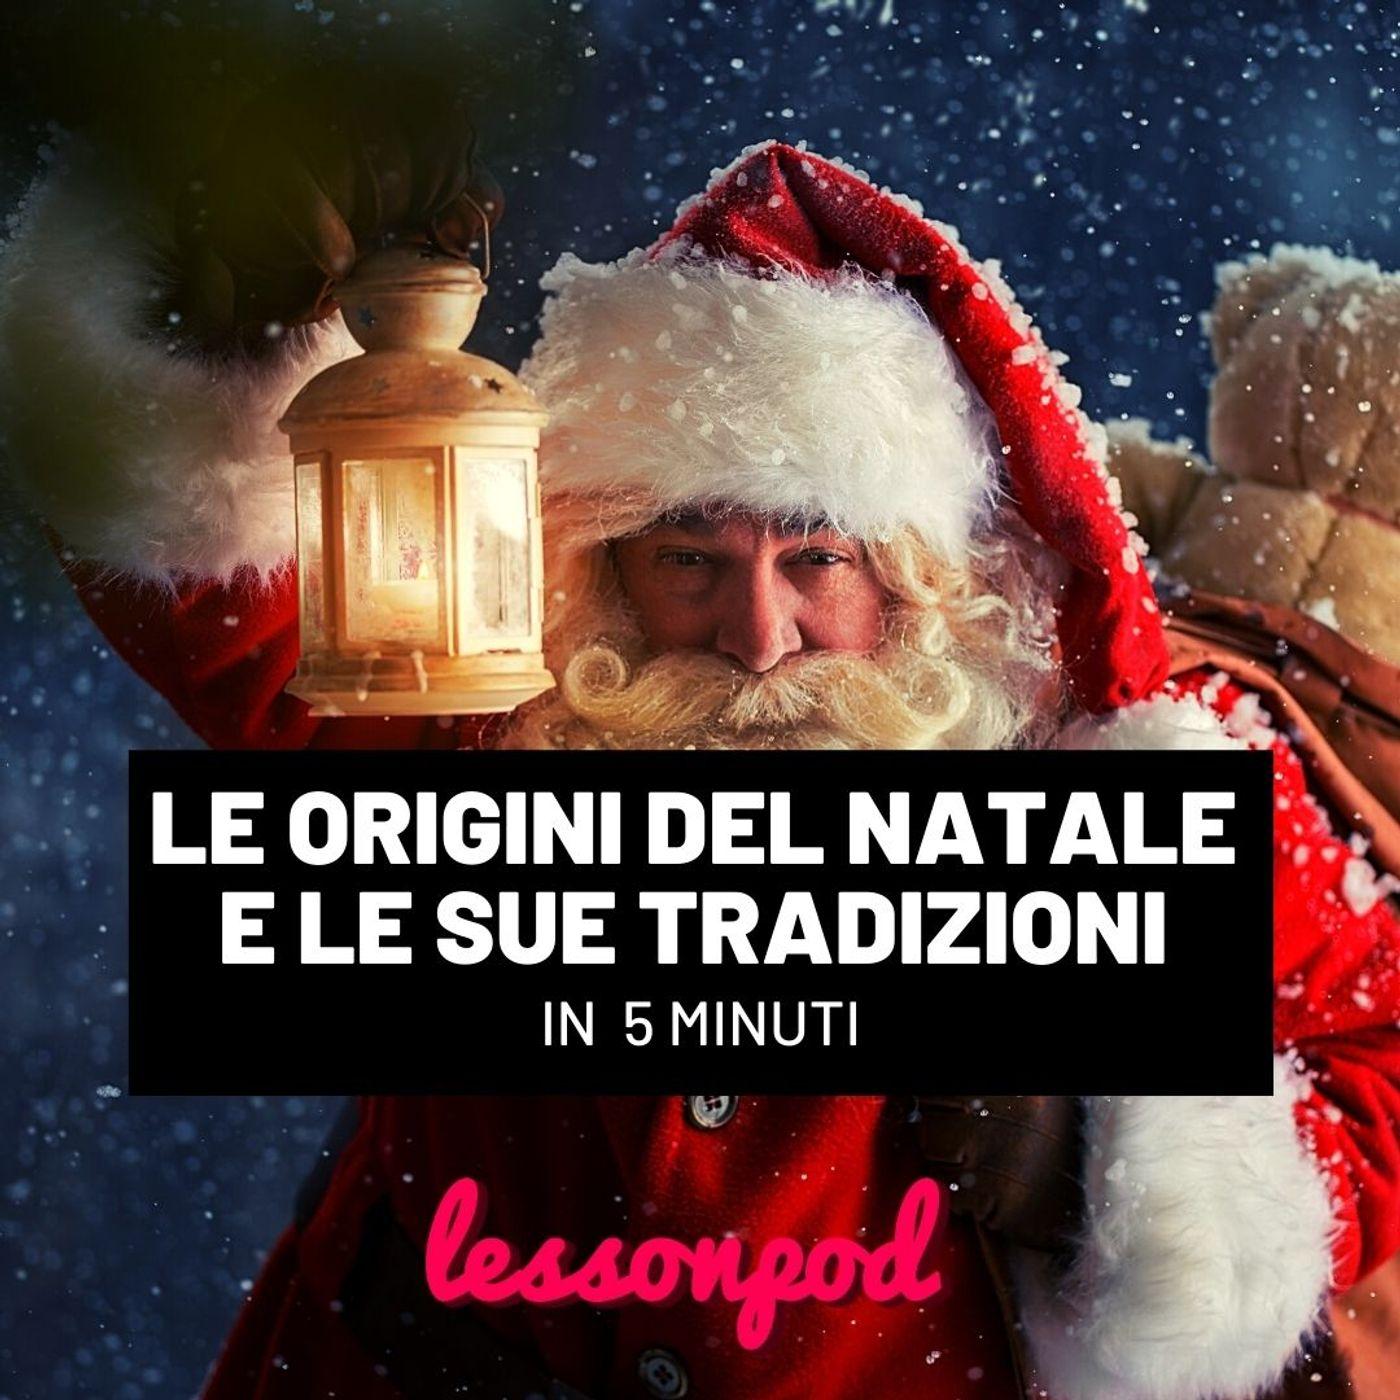 Le origini del Natale e le sue tradizioni in 5 minuti